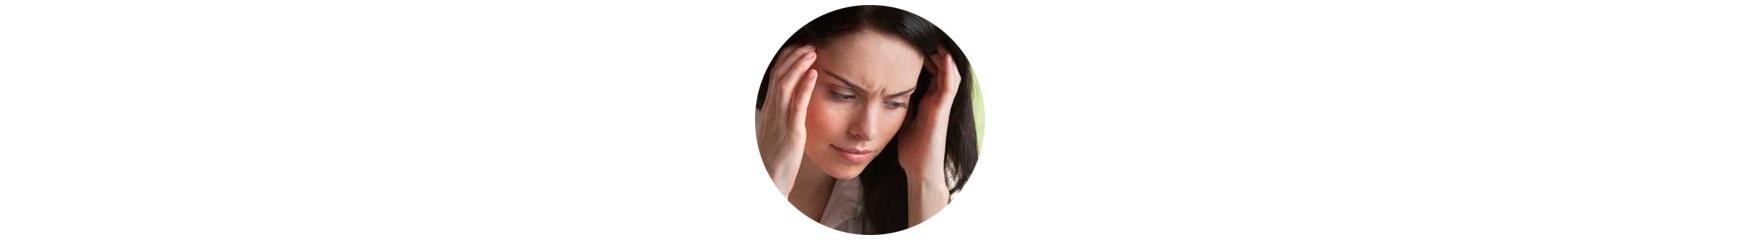 Сайт -Хроническая усталость-7